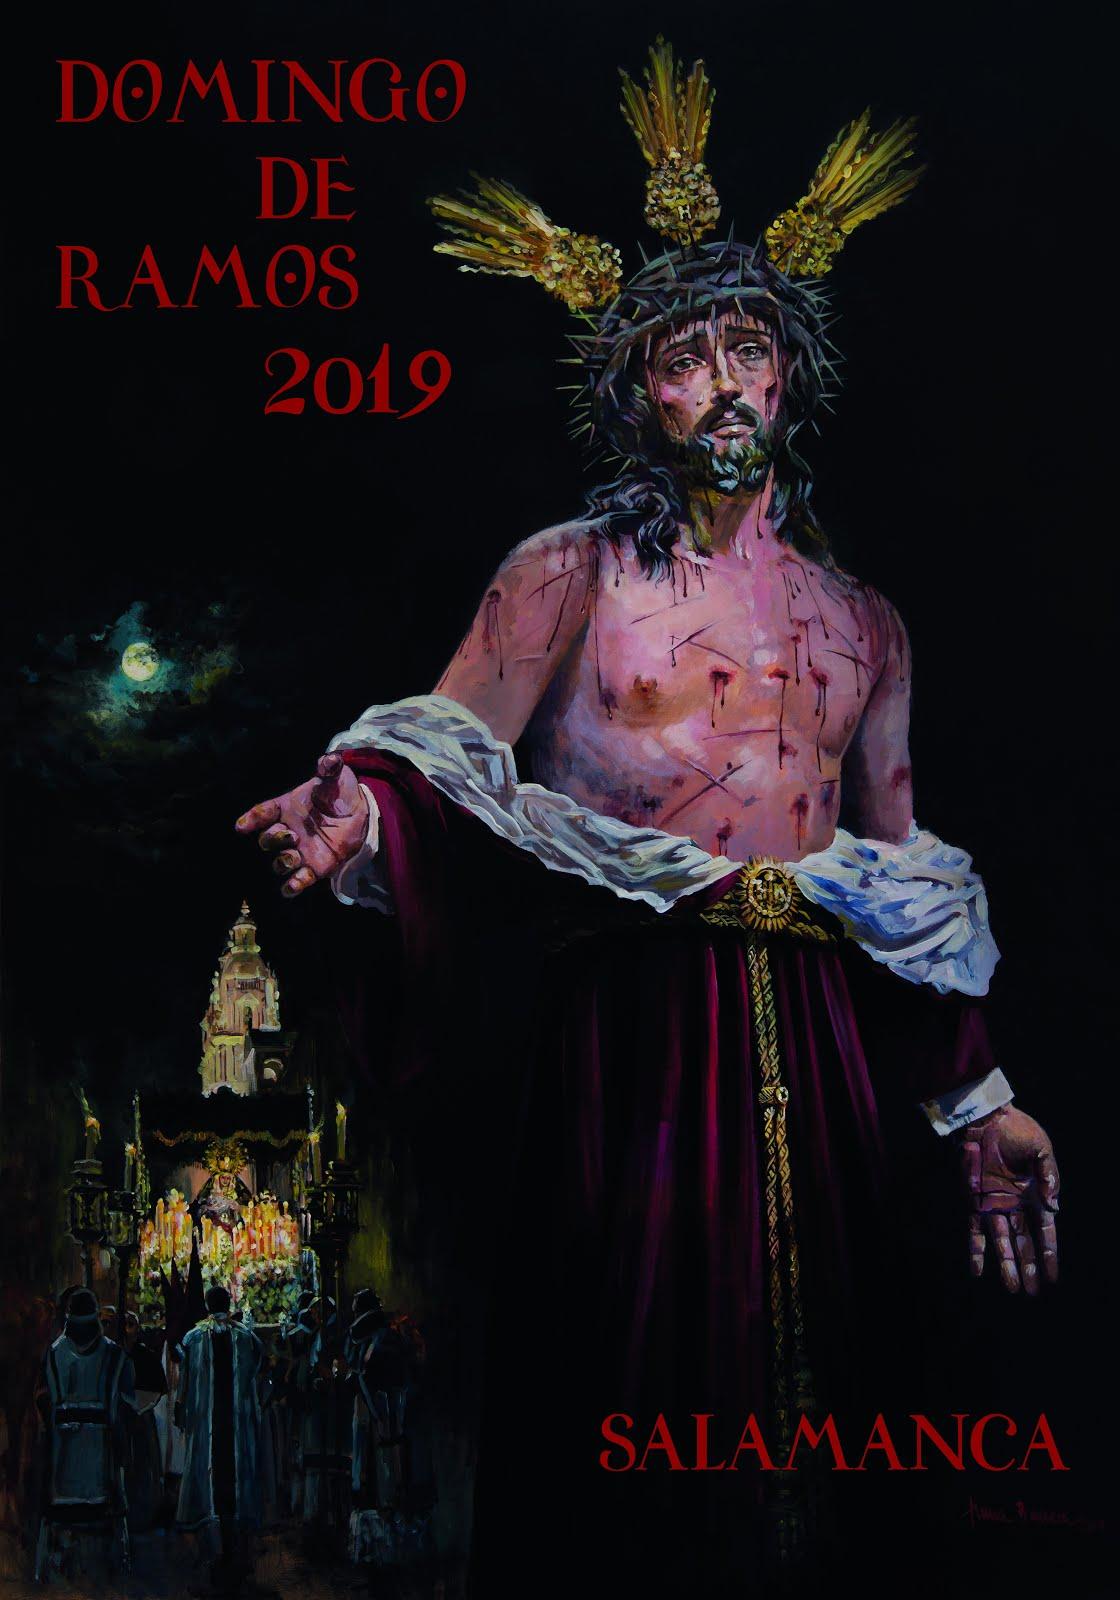 Cartel Domingo de Ramos 2019